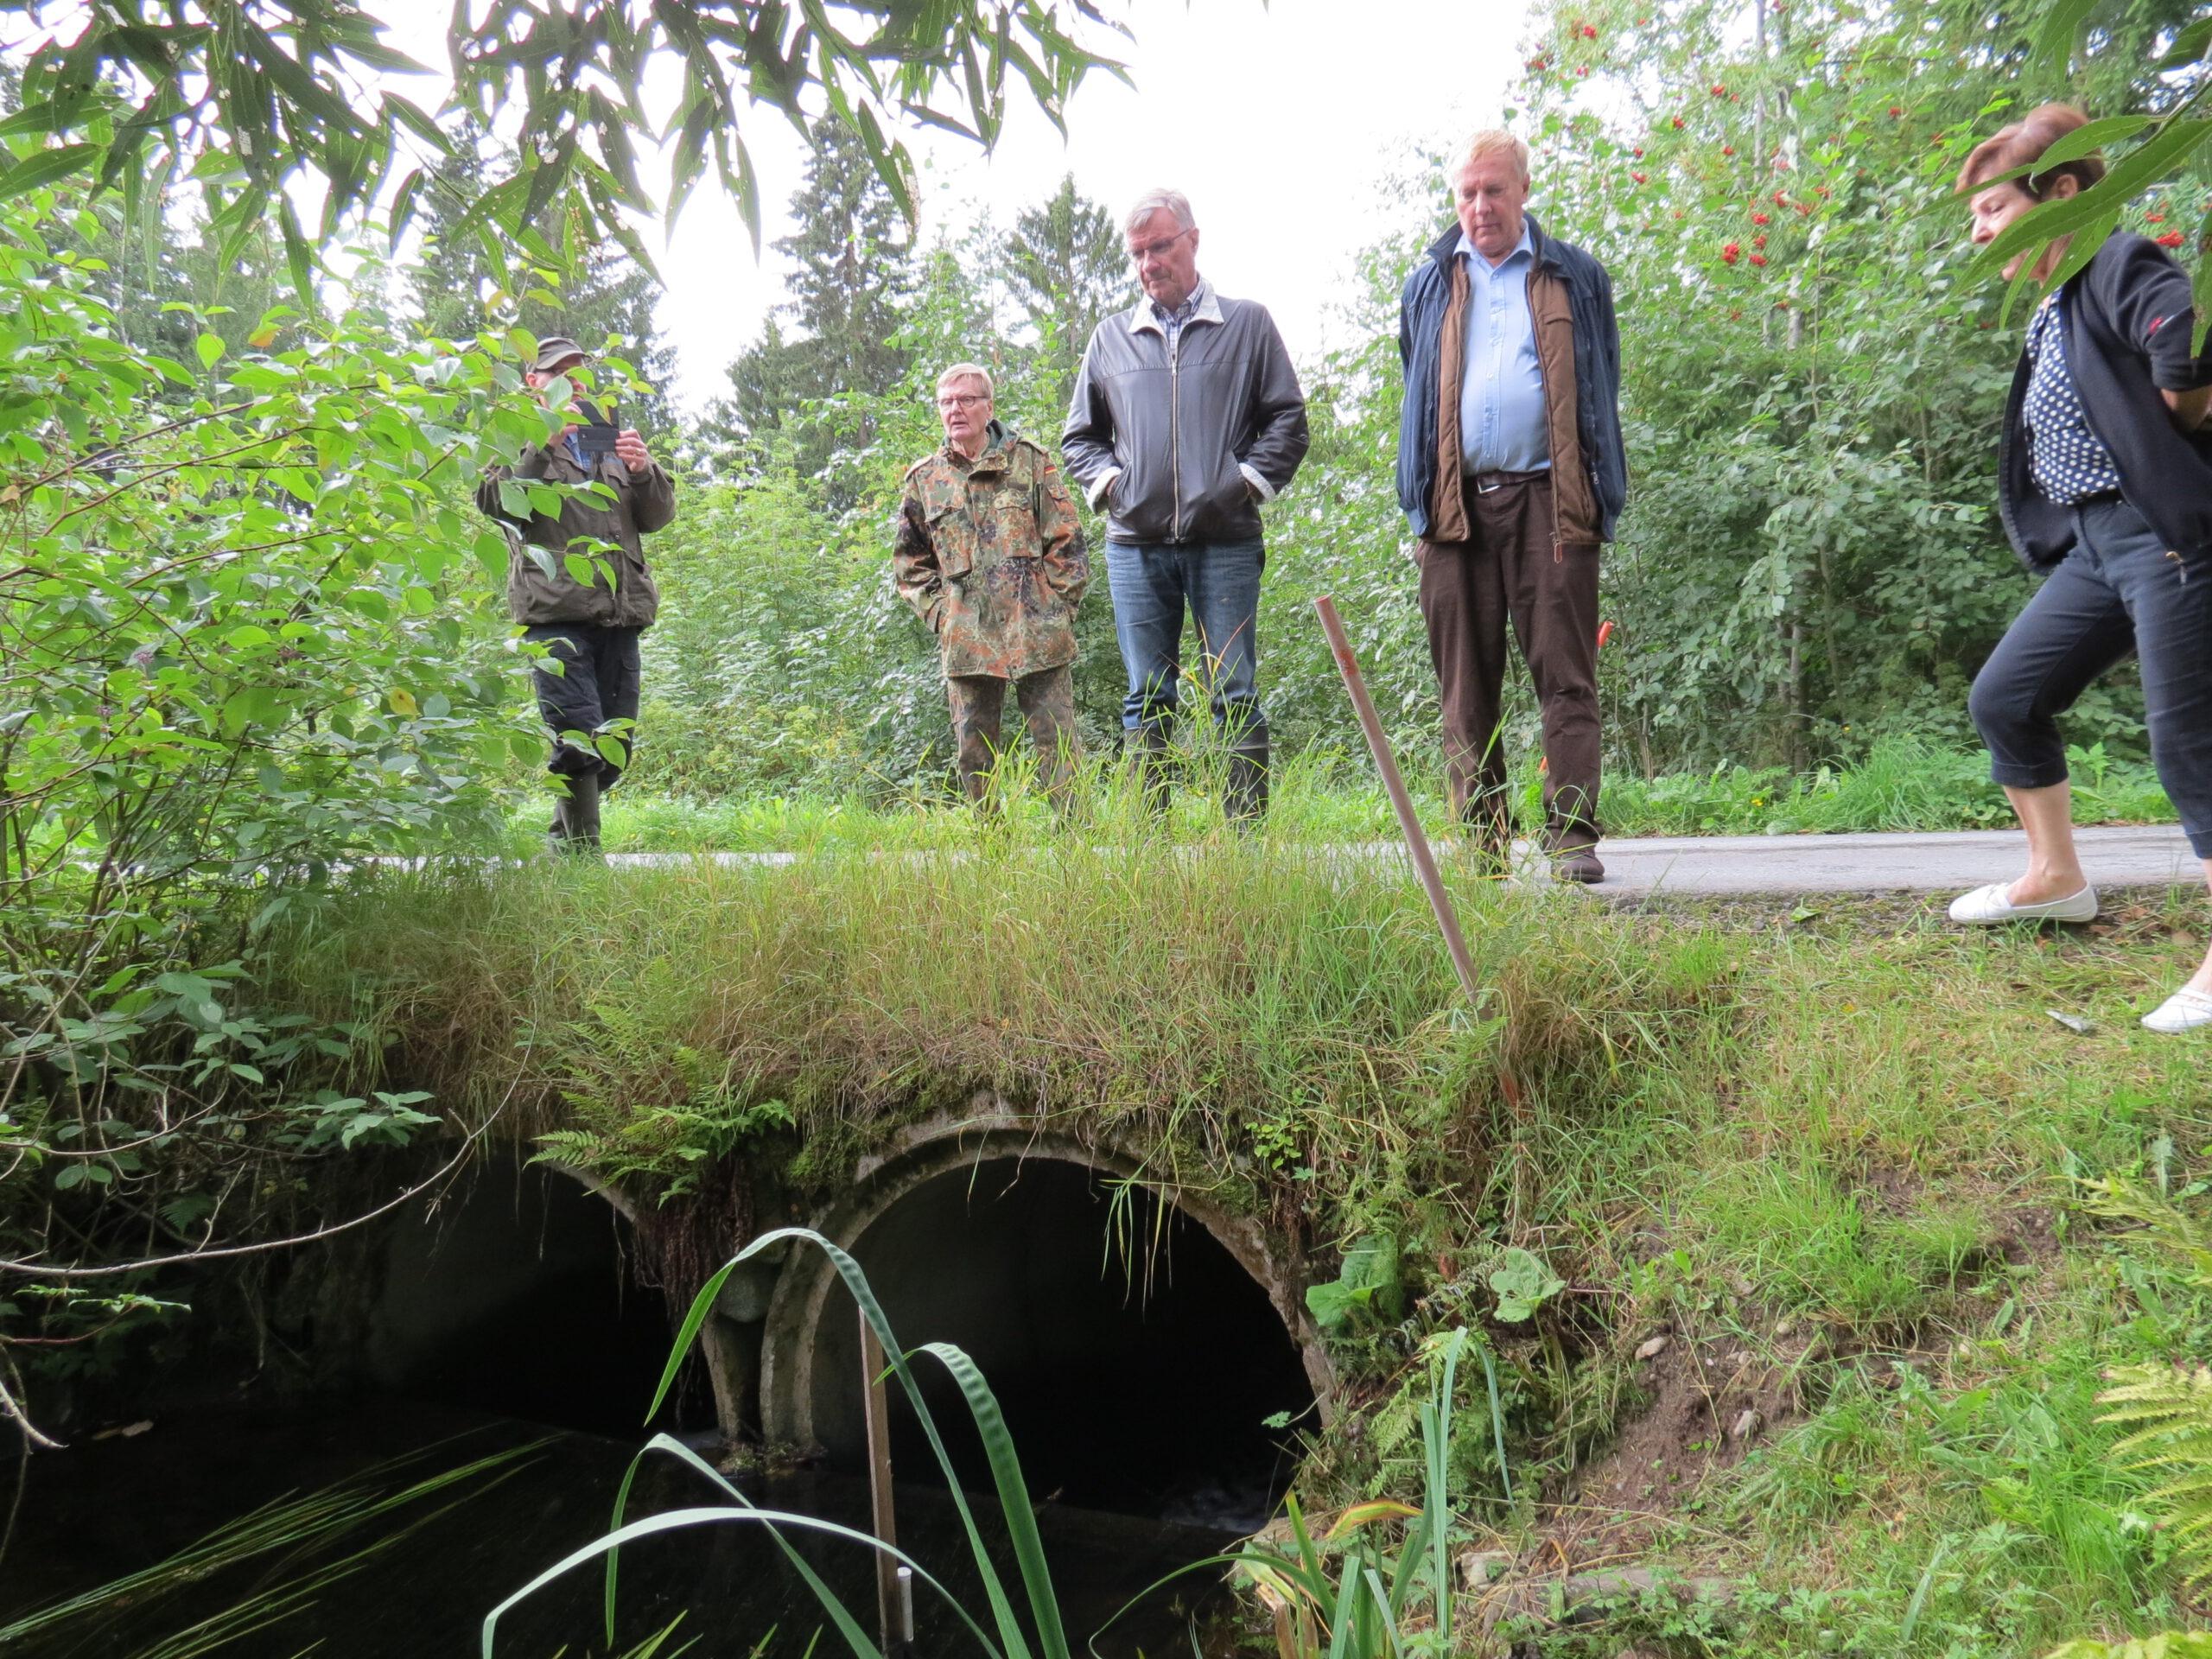 Projektiryhmä maastokatselmuksella tutkailemassa Kankaisten kylällä Myllyojan ylittävän tien tierumpuja, joiden vesivaneripato esti kalan pääsyn ylävirtaan rumpujen ohi.